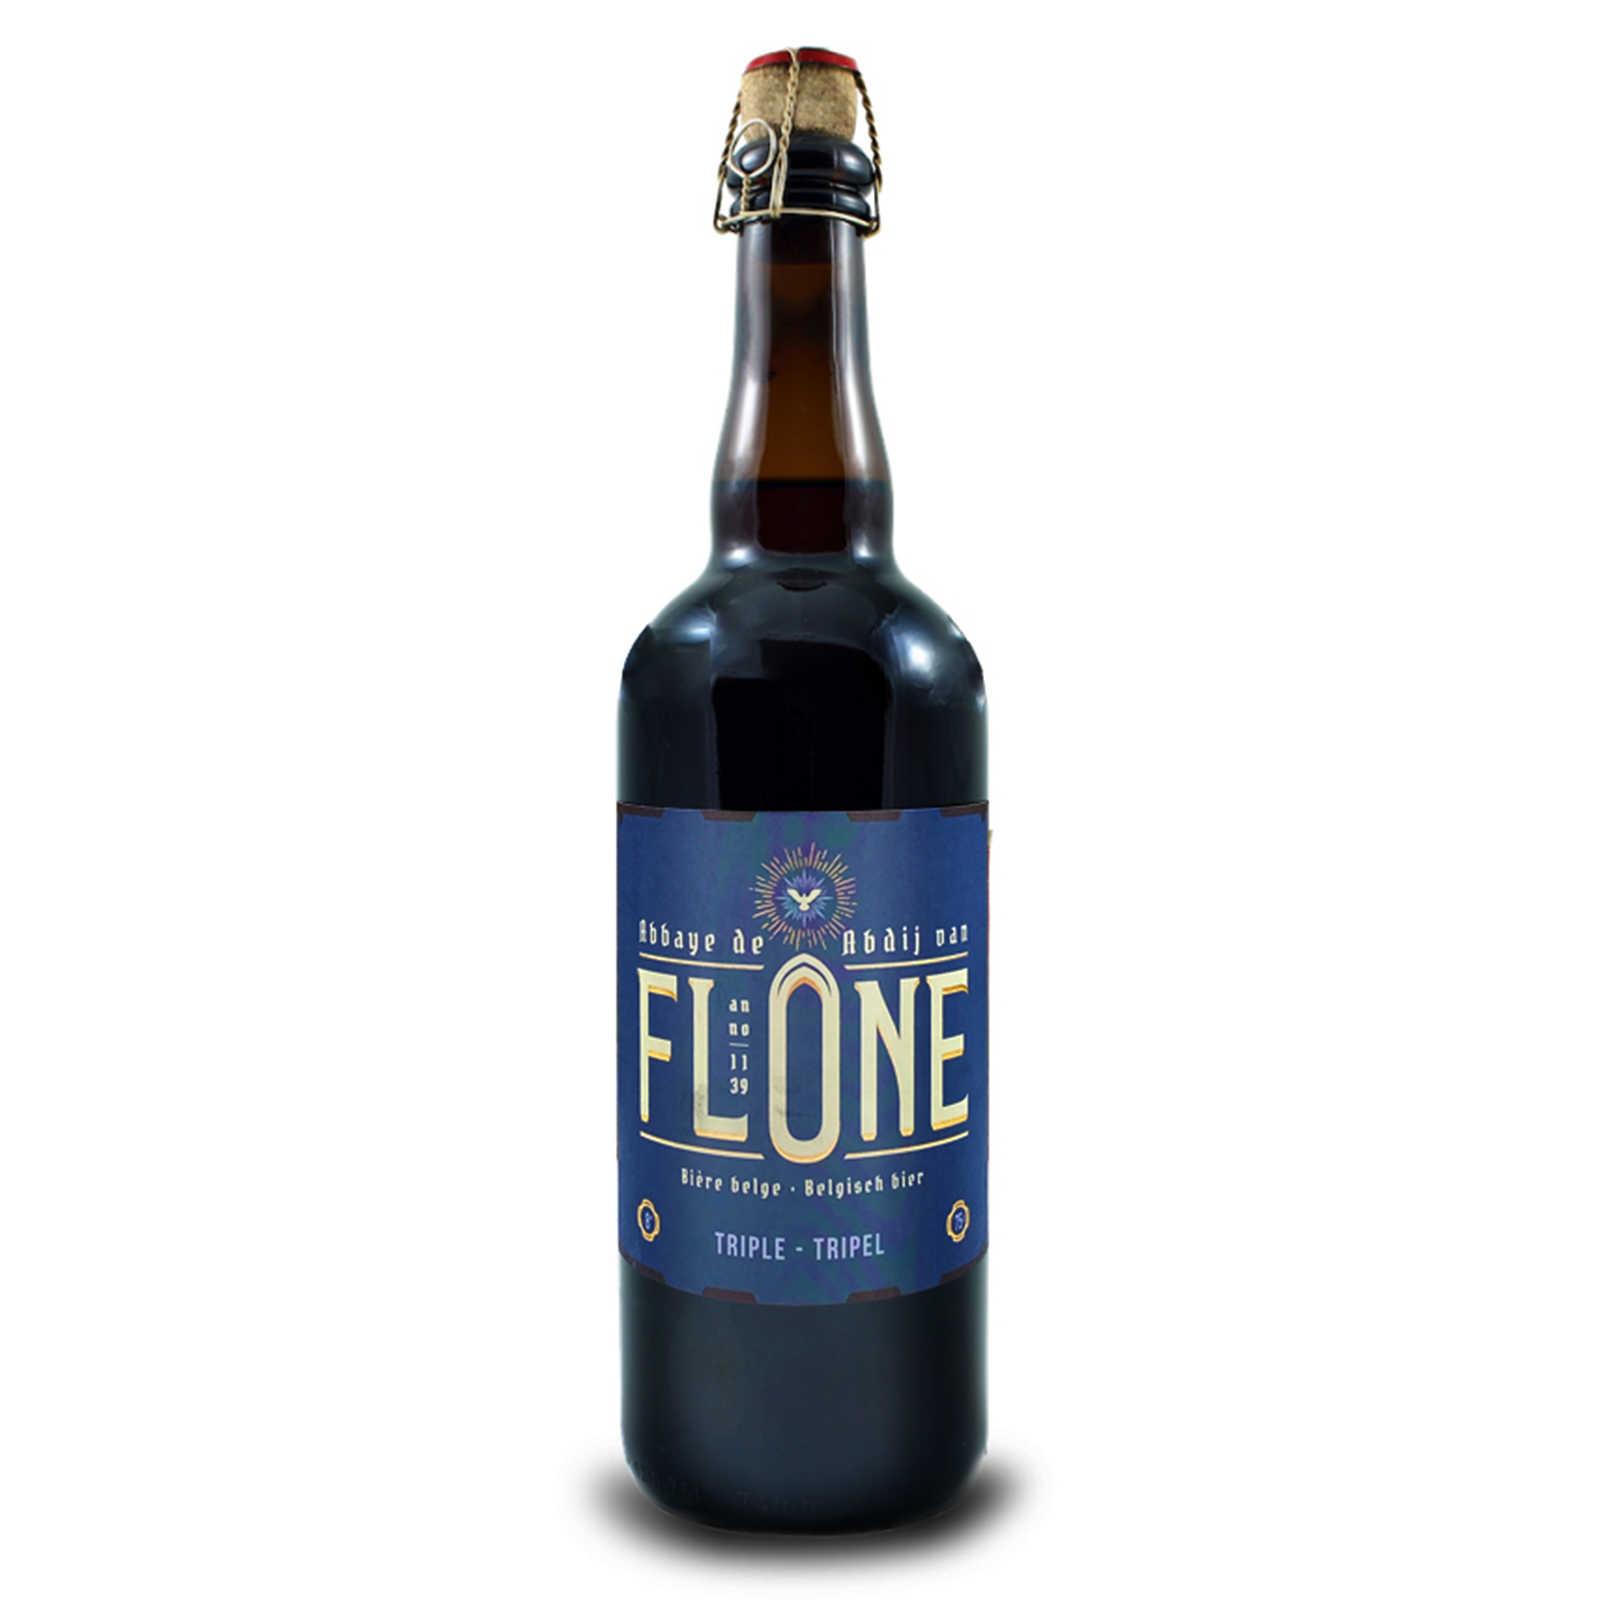 Bières de l'Abbaye de Flône